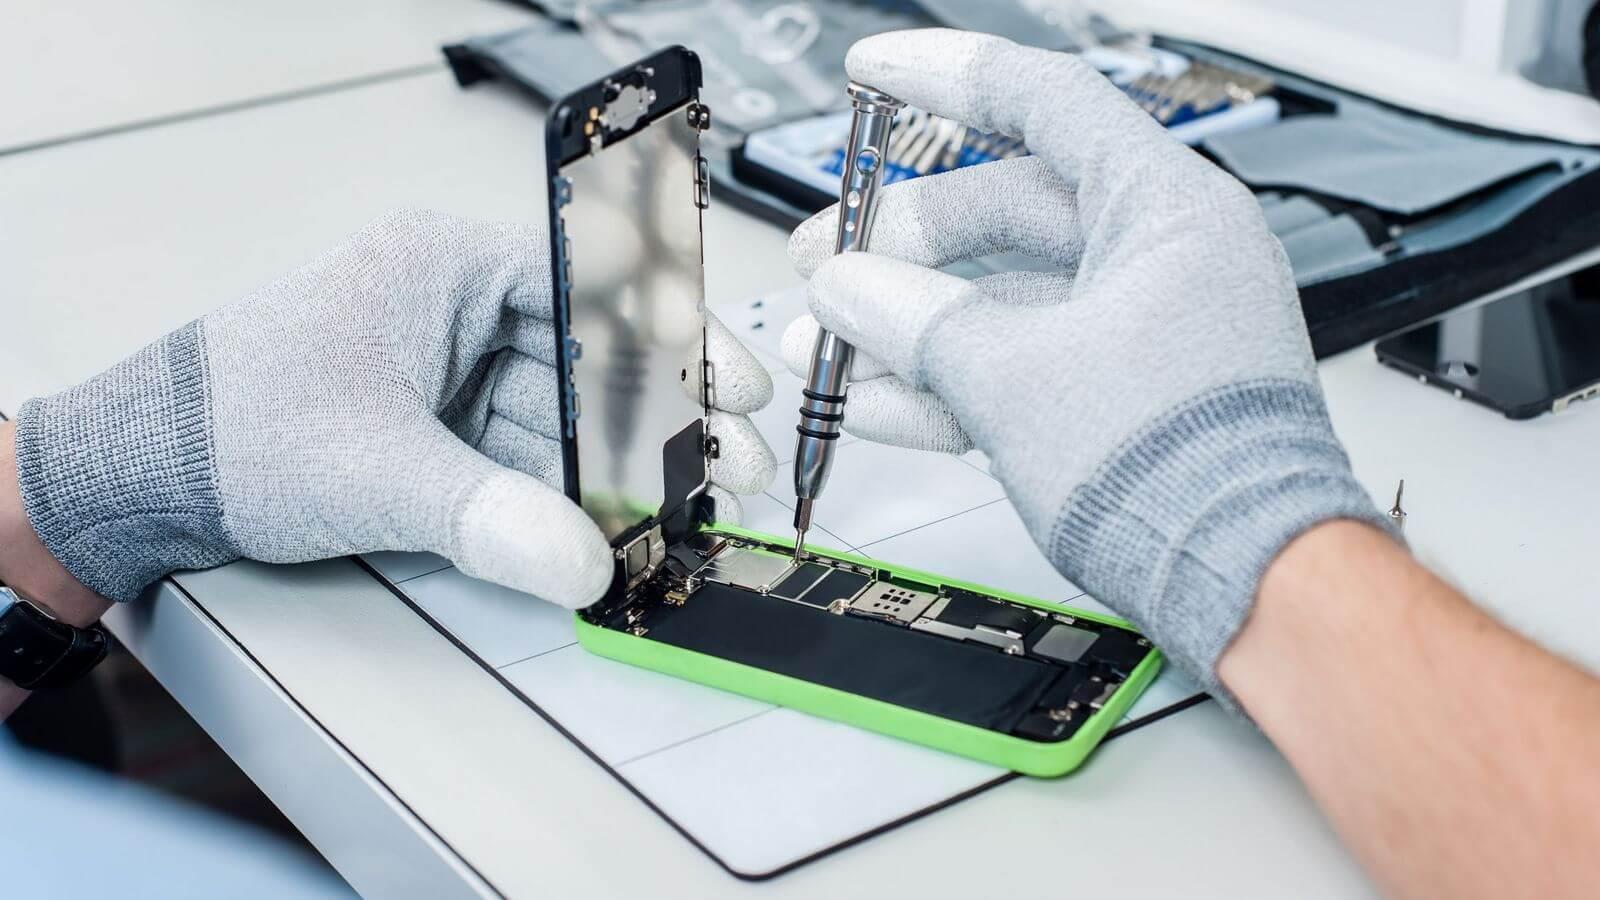 В России стартовала официальная программа ремонта iPhone за день